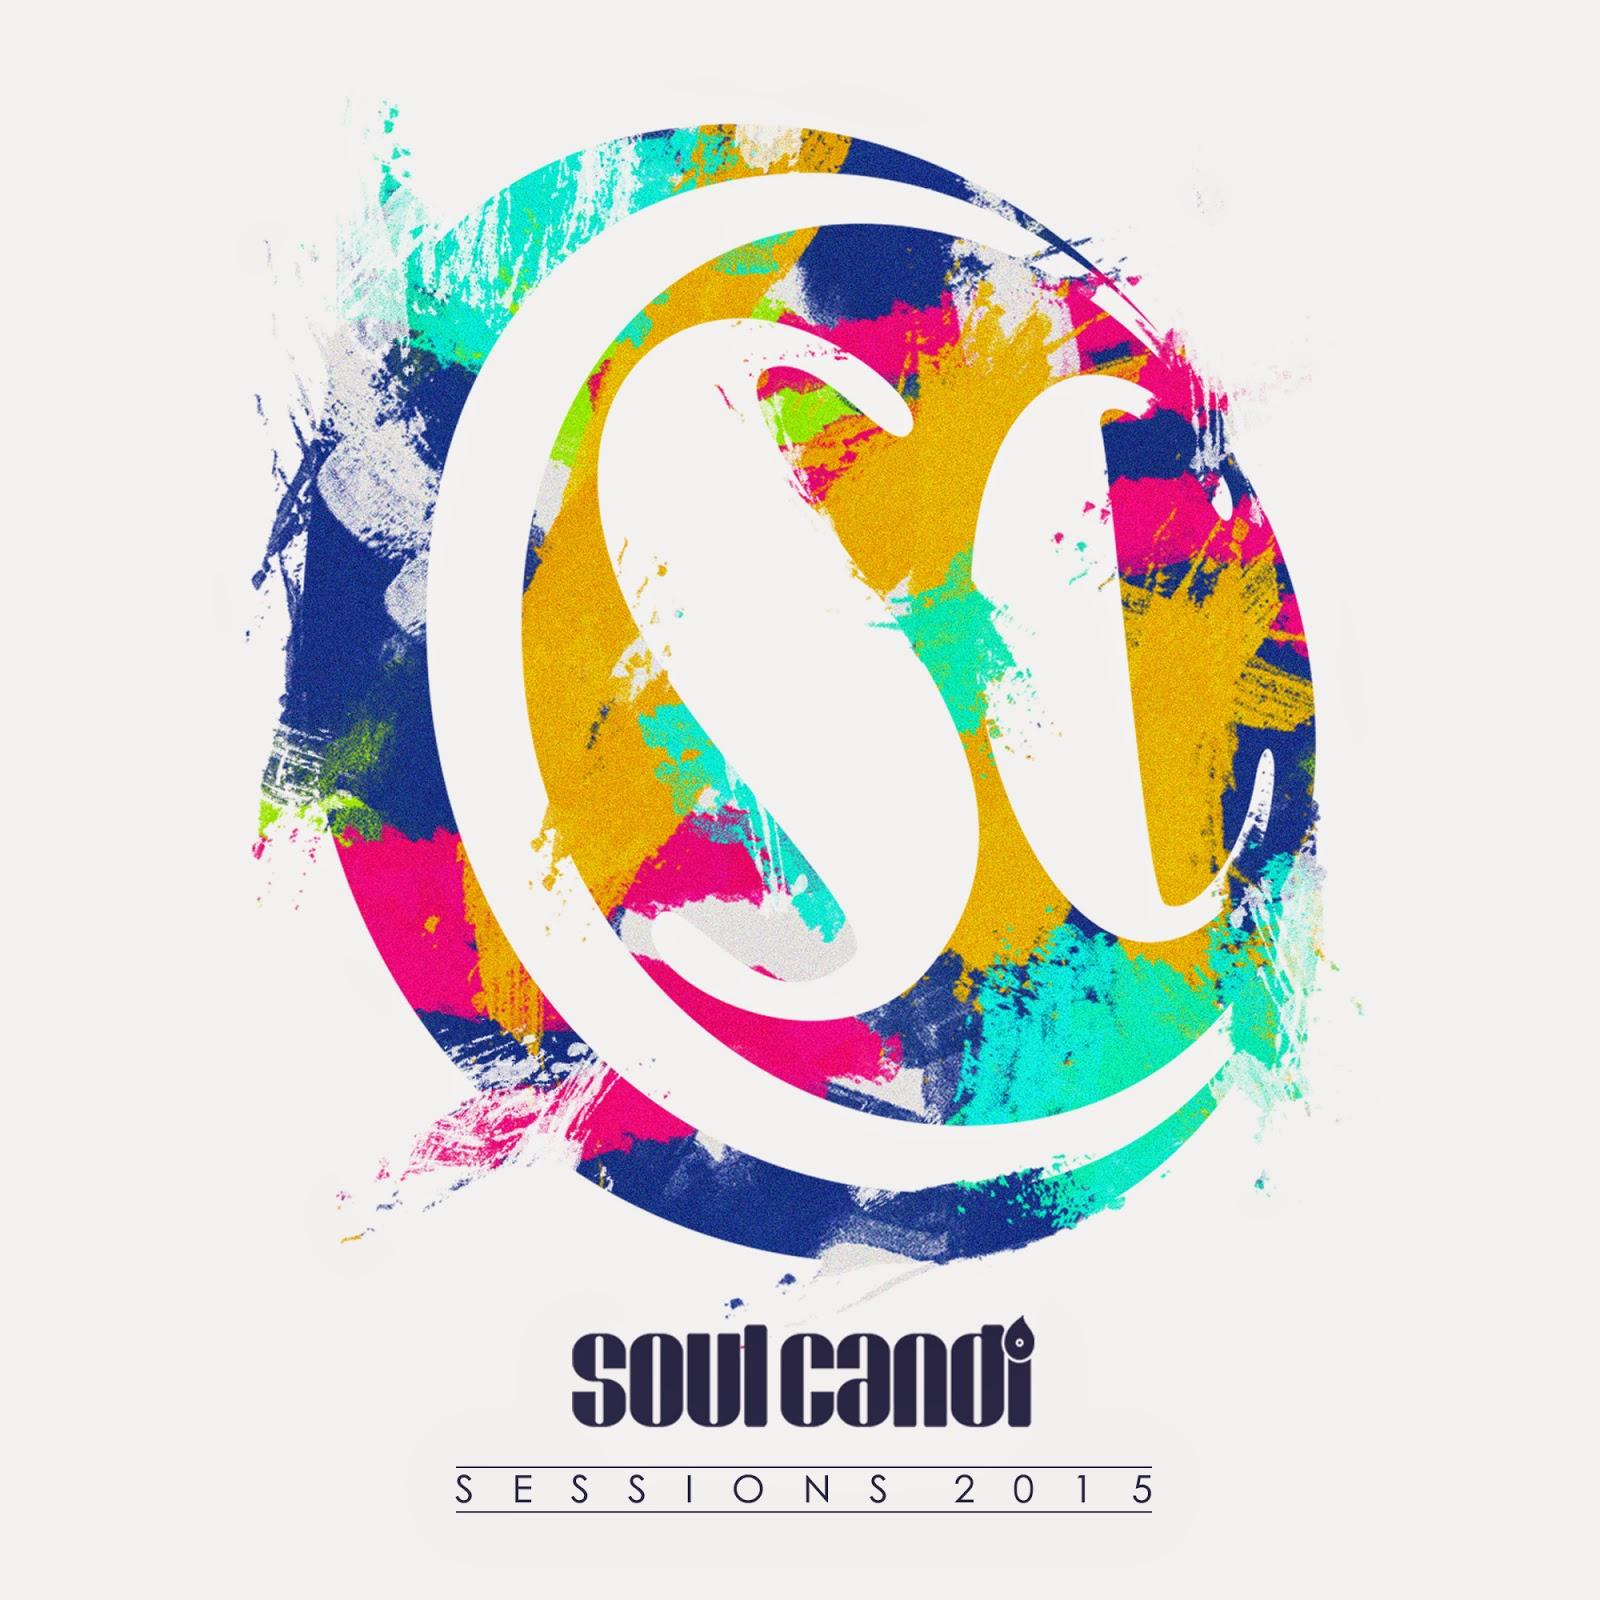 soul candi sessions 15